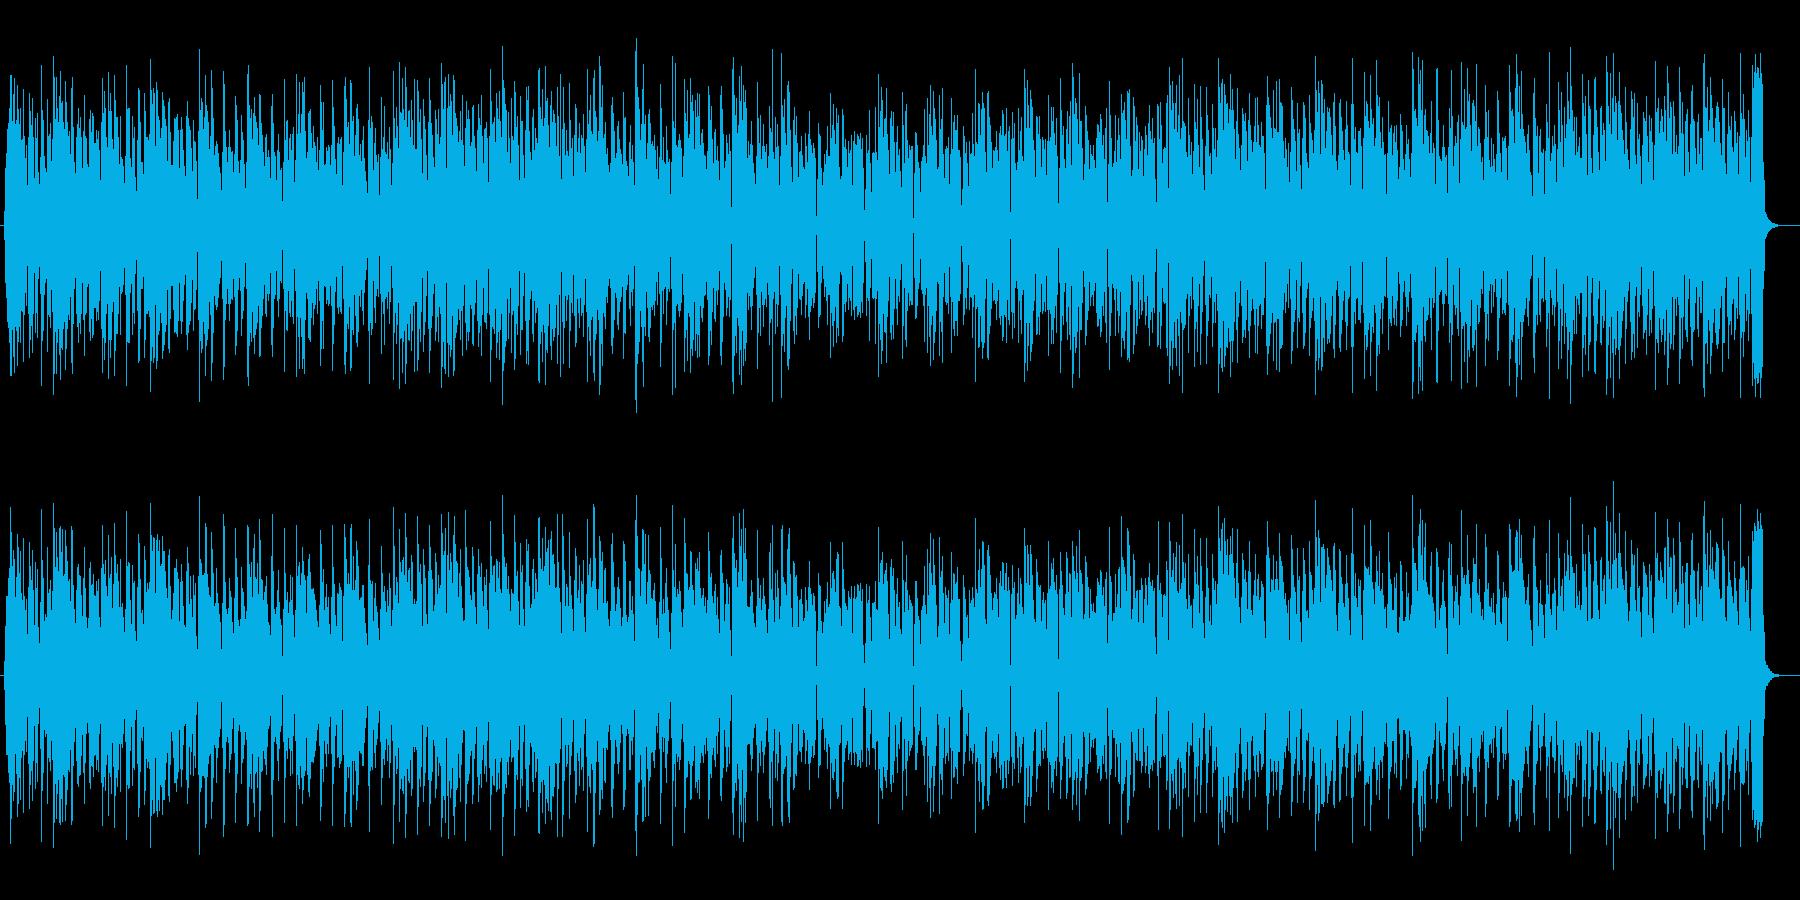 明るく可愛らしい電子音のメロディの再生済みの波形